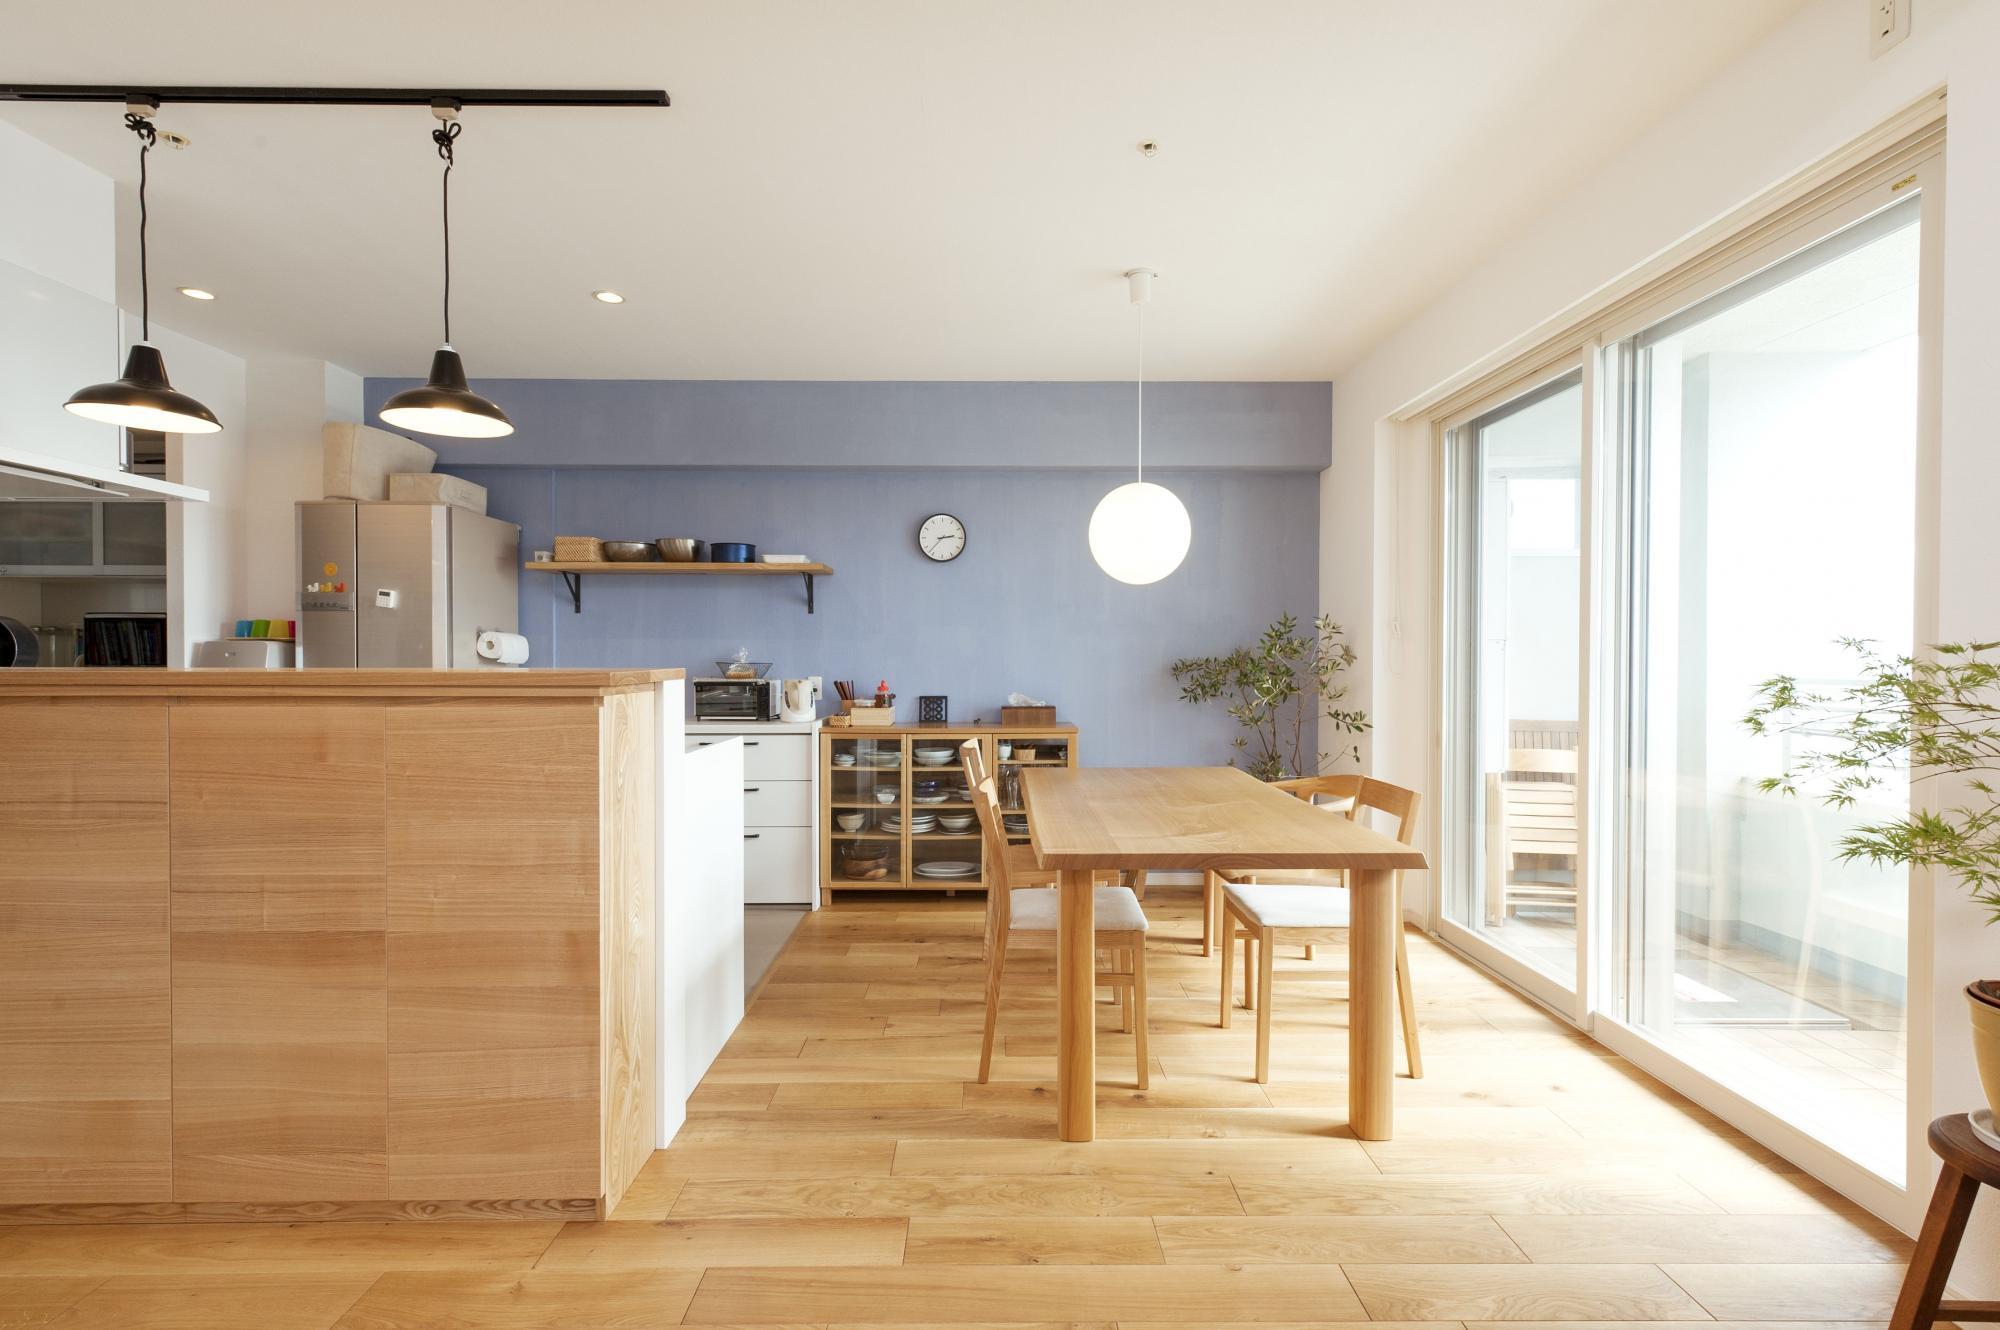 ダイニング側に移動して明るくなったキッチン。床はオークの無垢材。マンションでも木の豊かな質感を楽しむ。